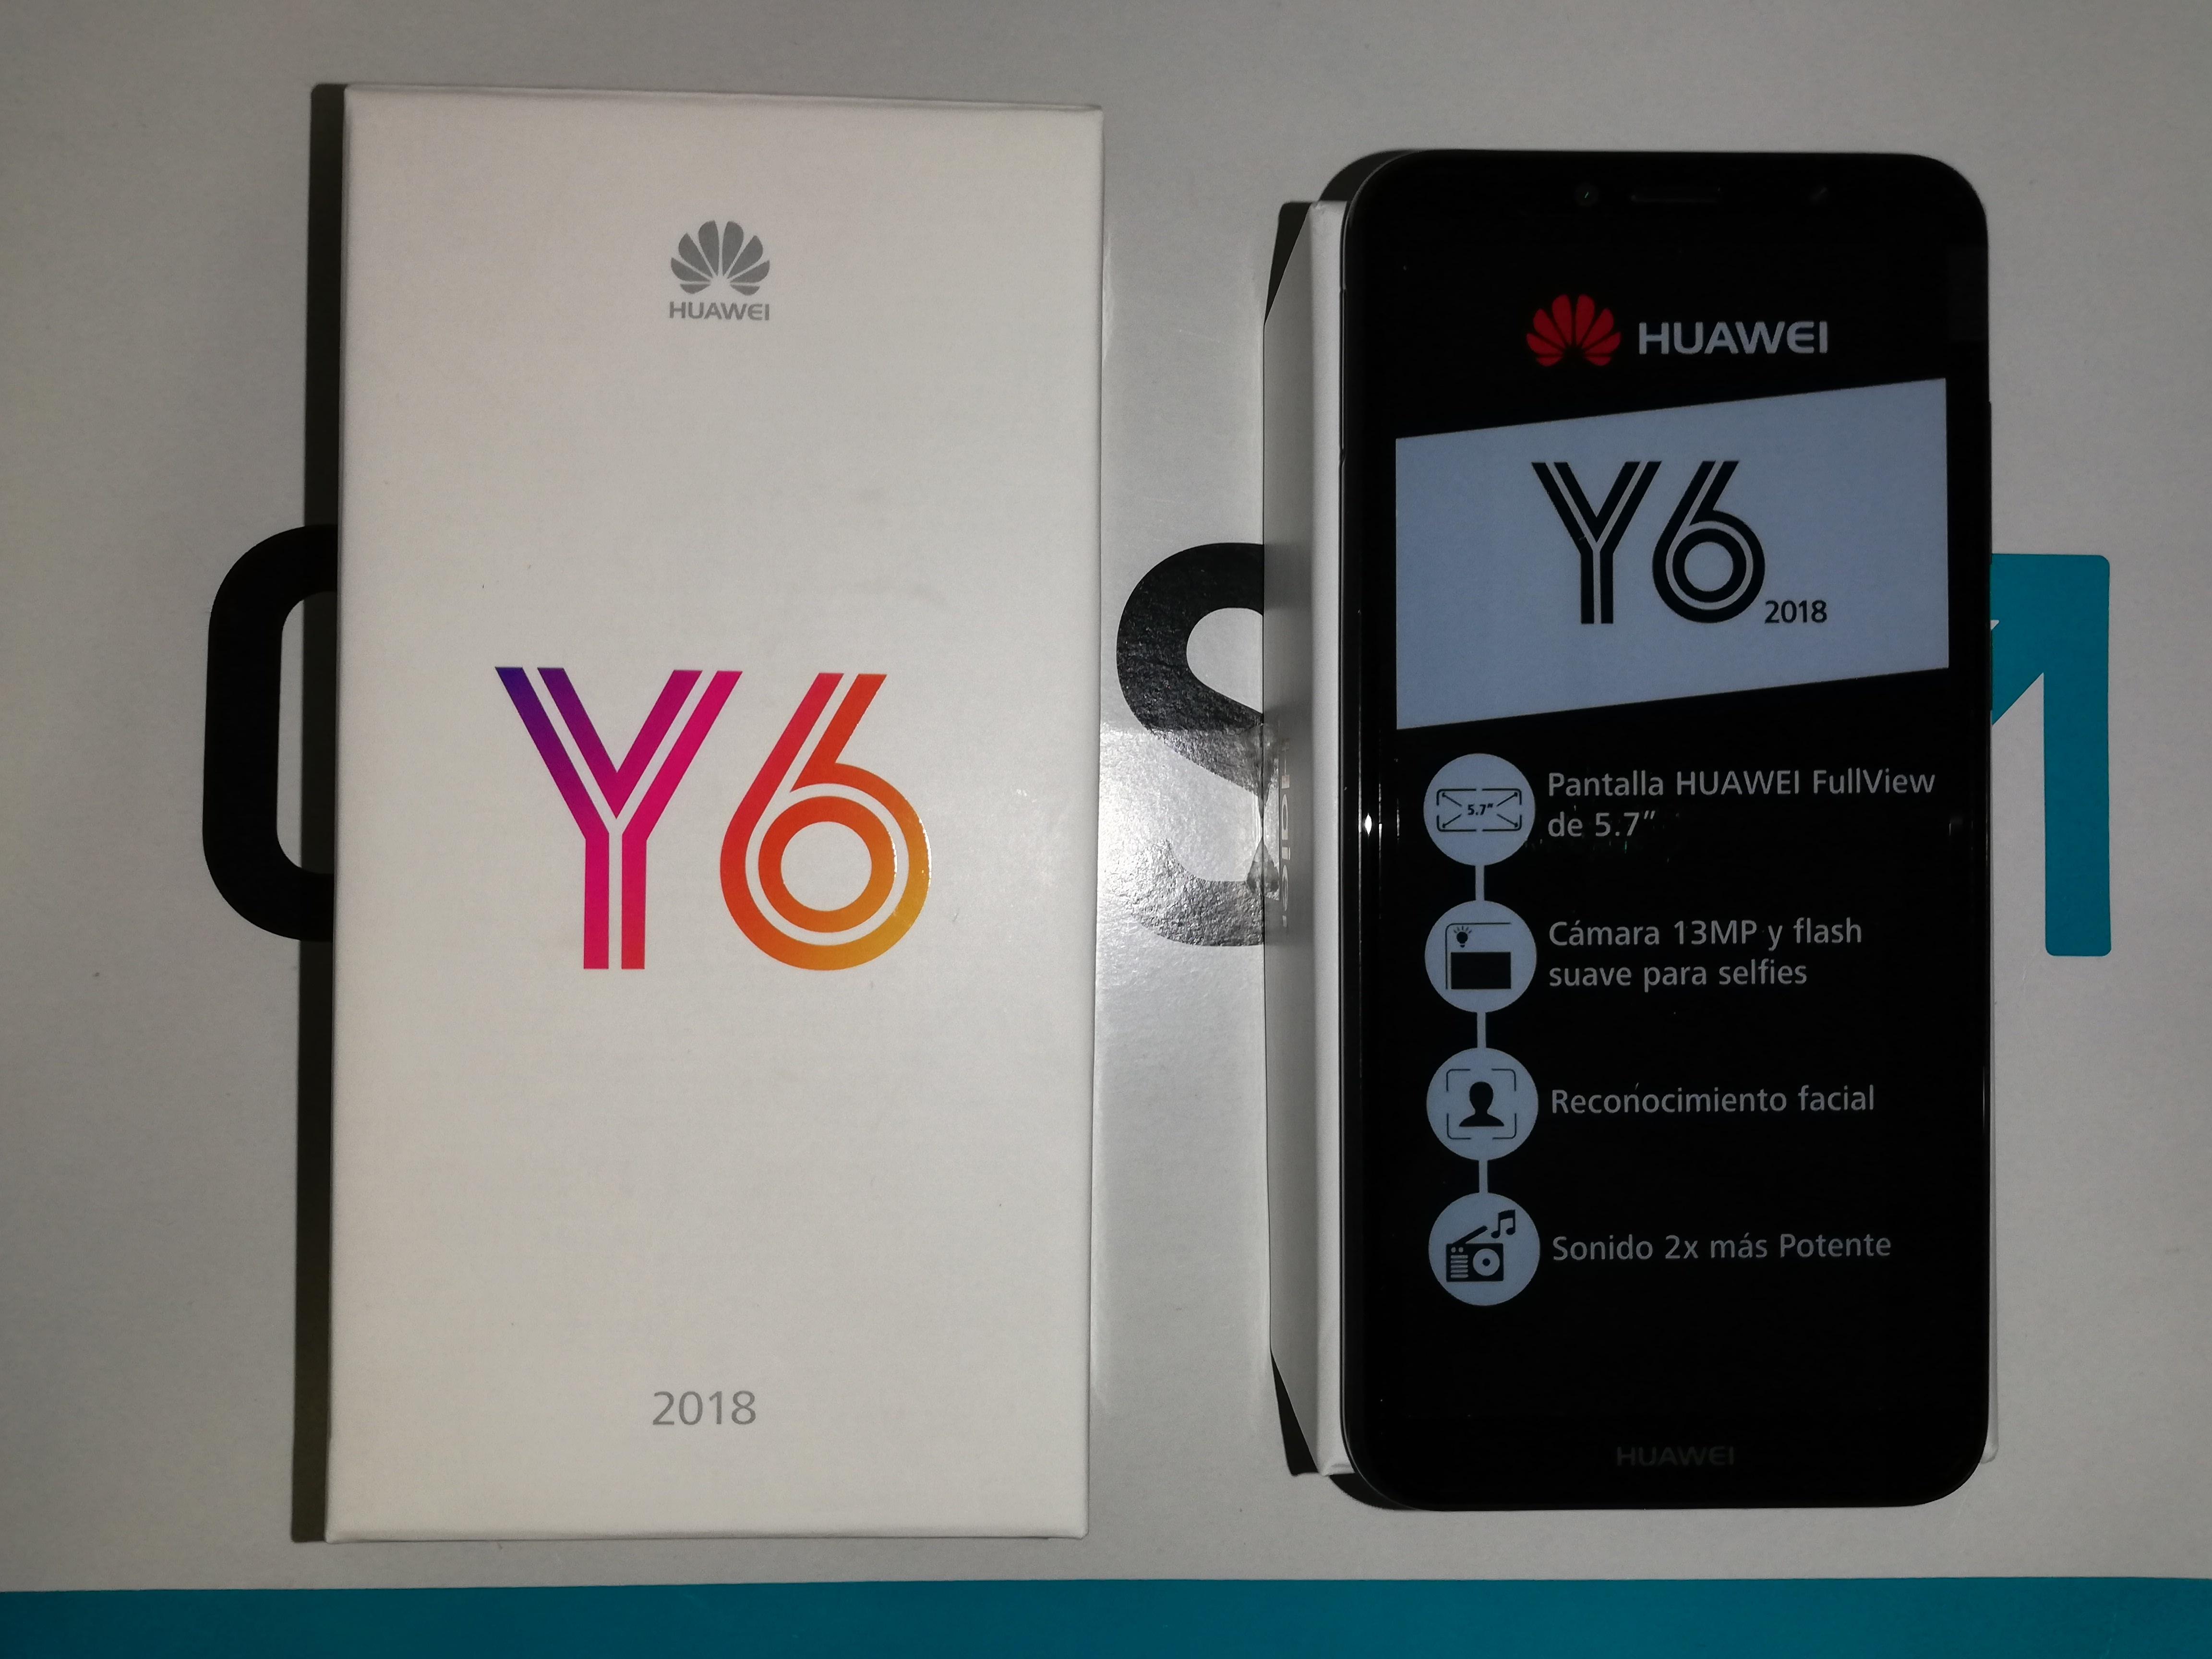 Huawei Y6 - Disponible 13